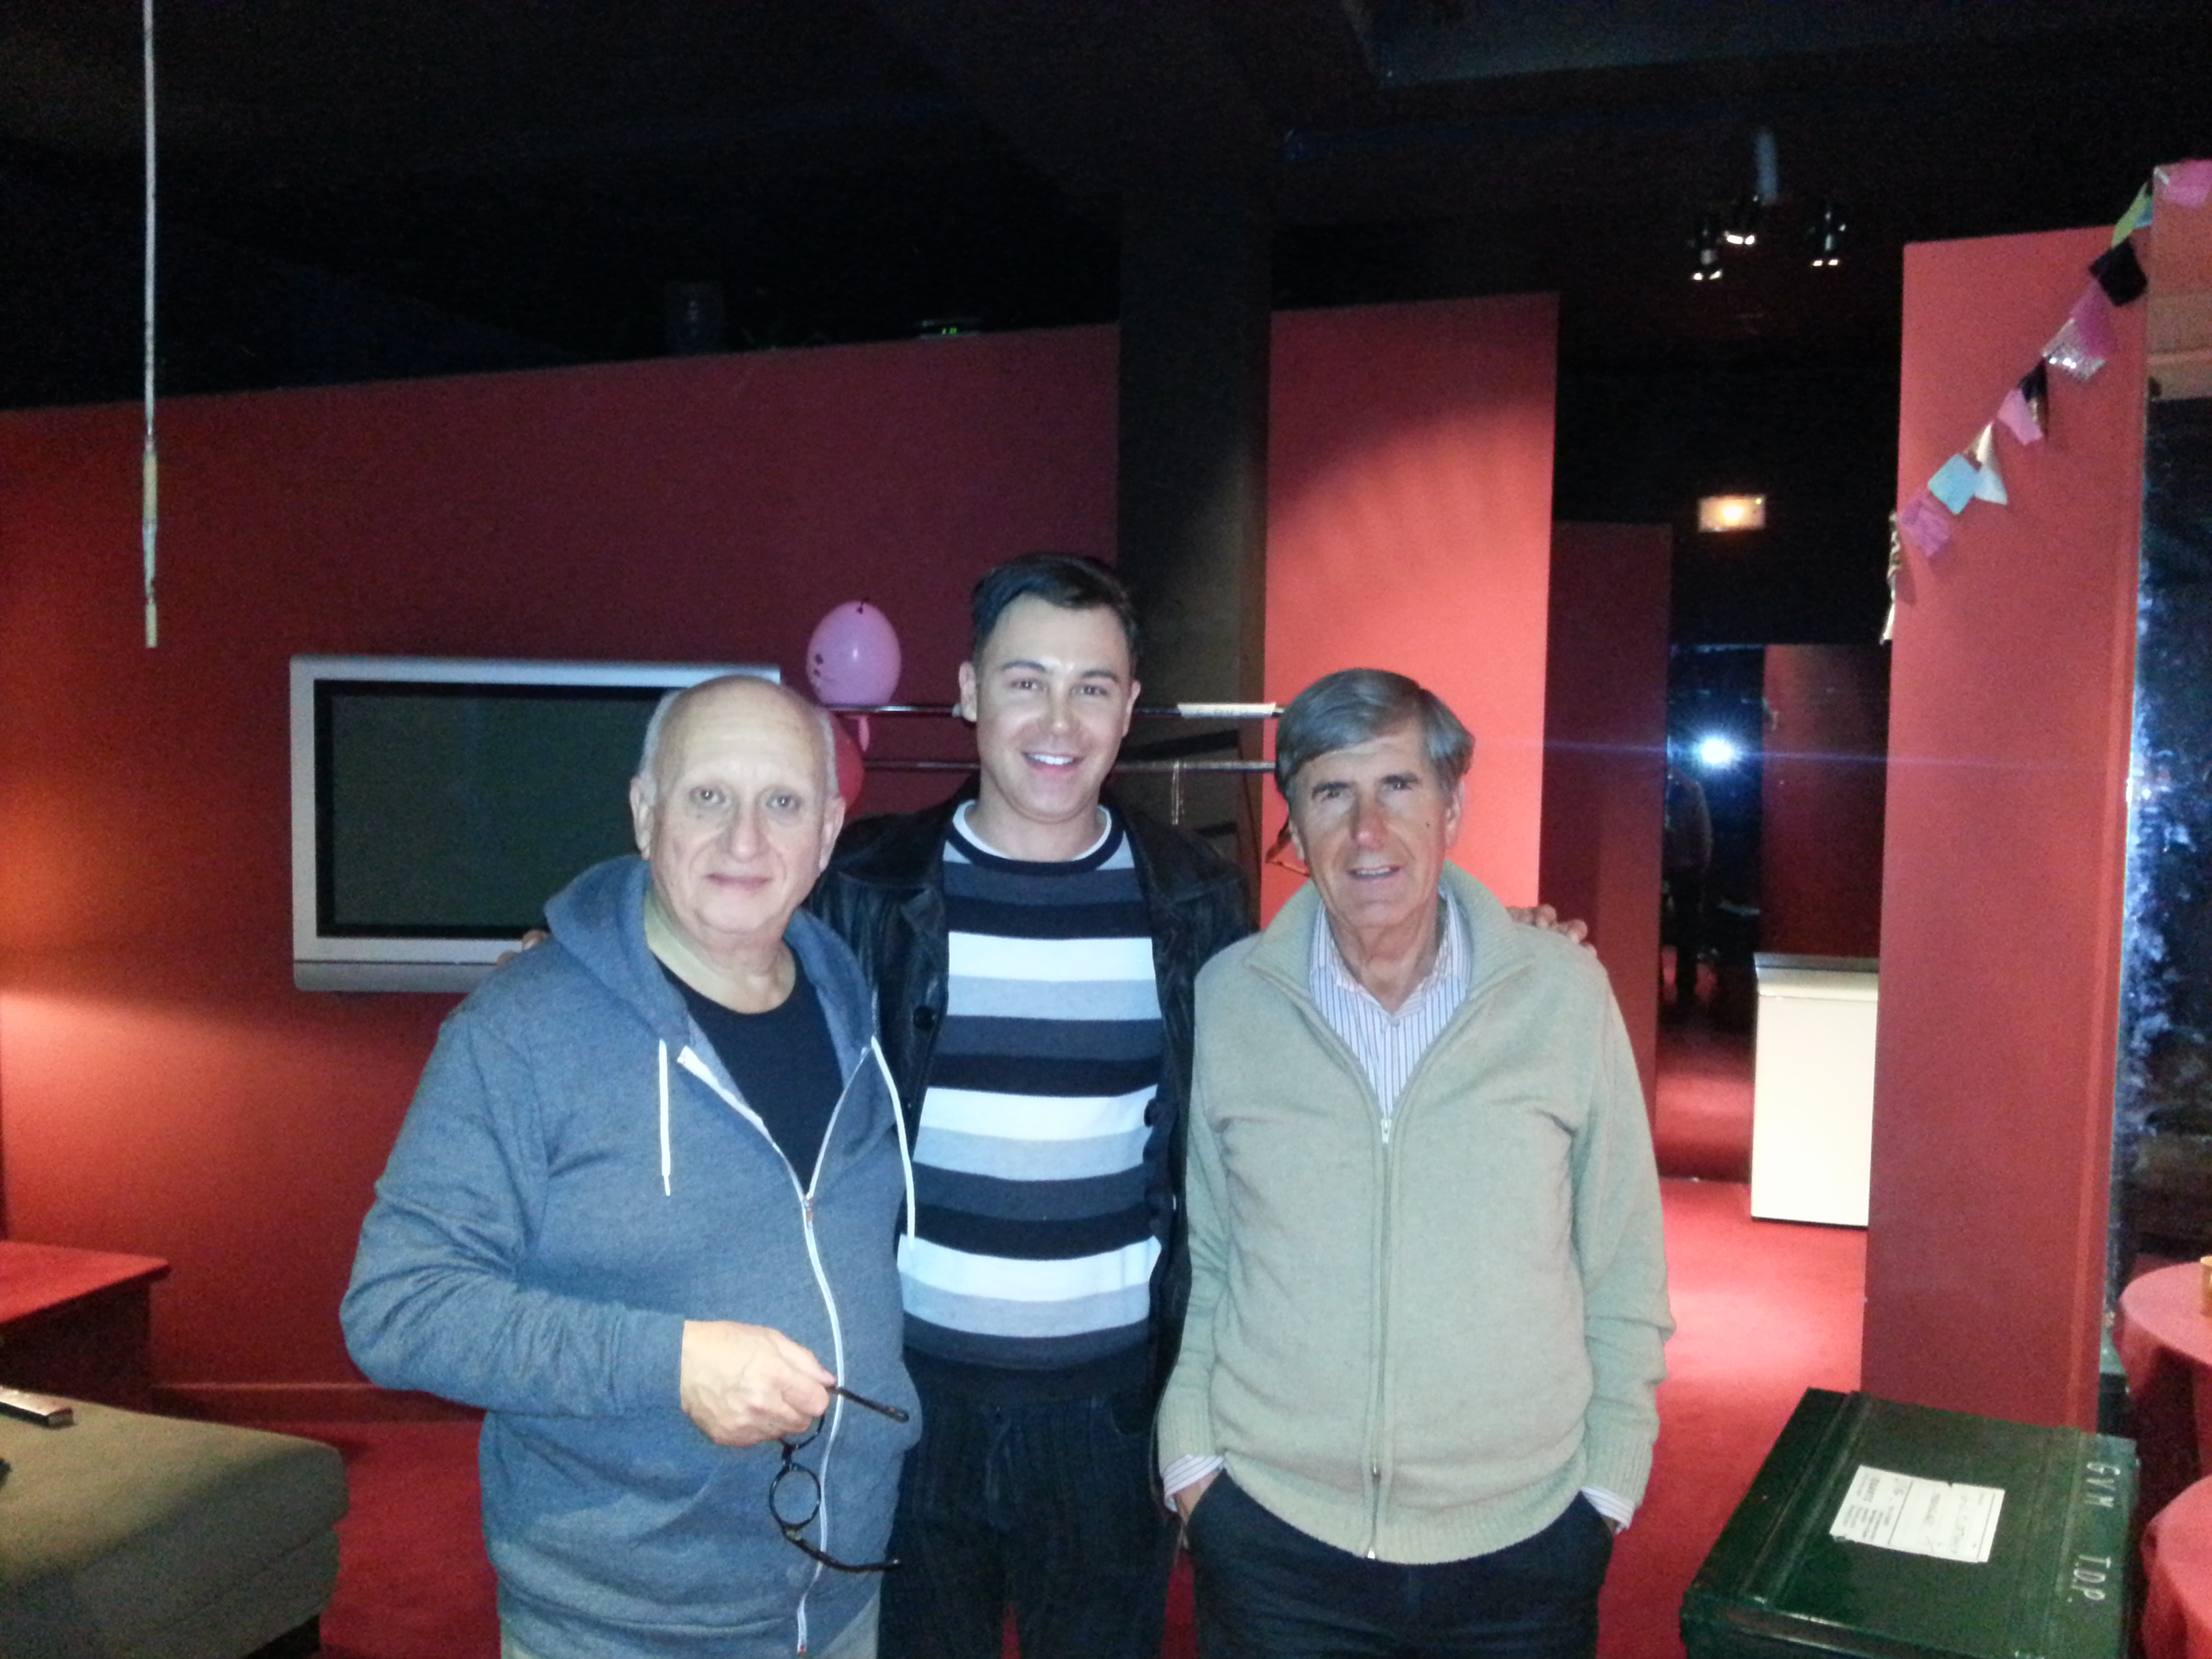 Jean-Paul Muel et Bernard Menez ont accueilli Didier dans les loges pour